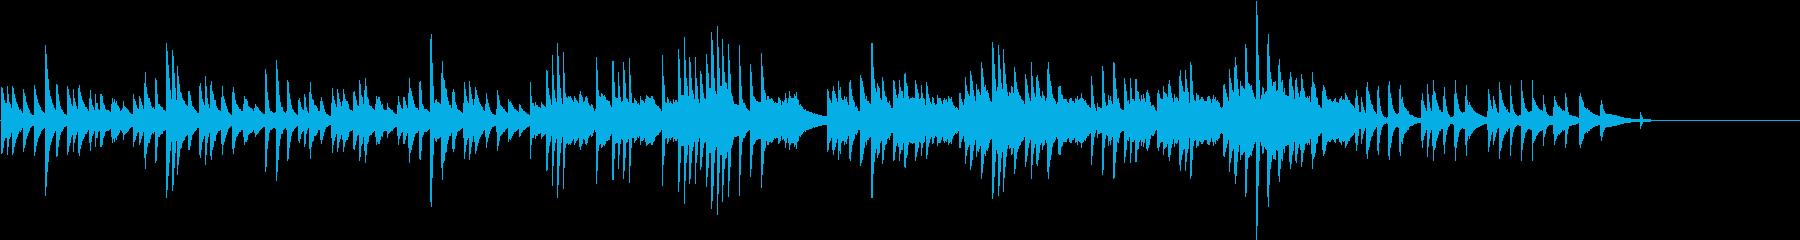 子もり唄風♪童謡・こいのぼりピアノBGMの再生済みの波形